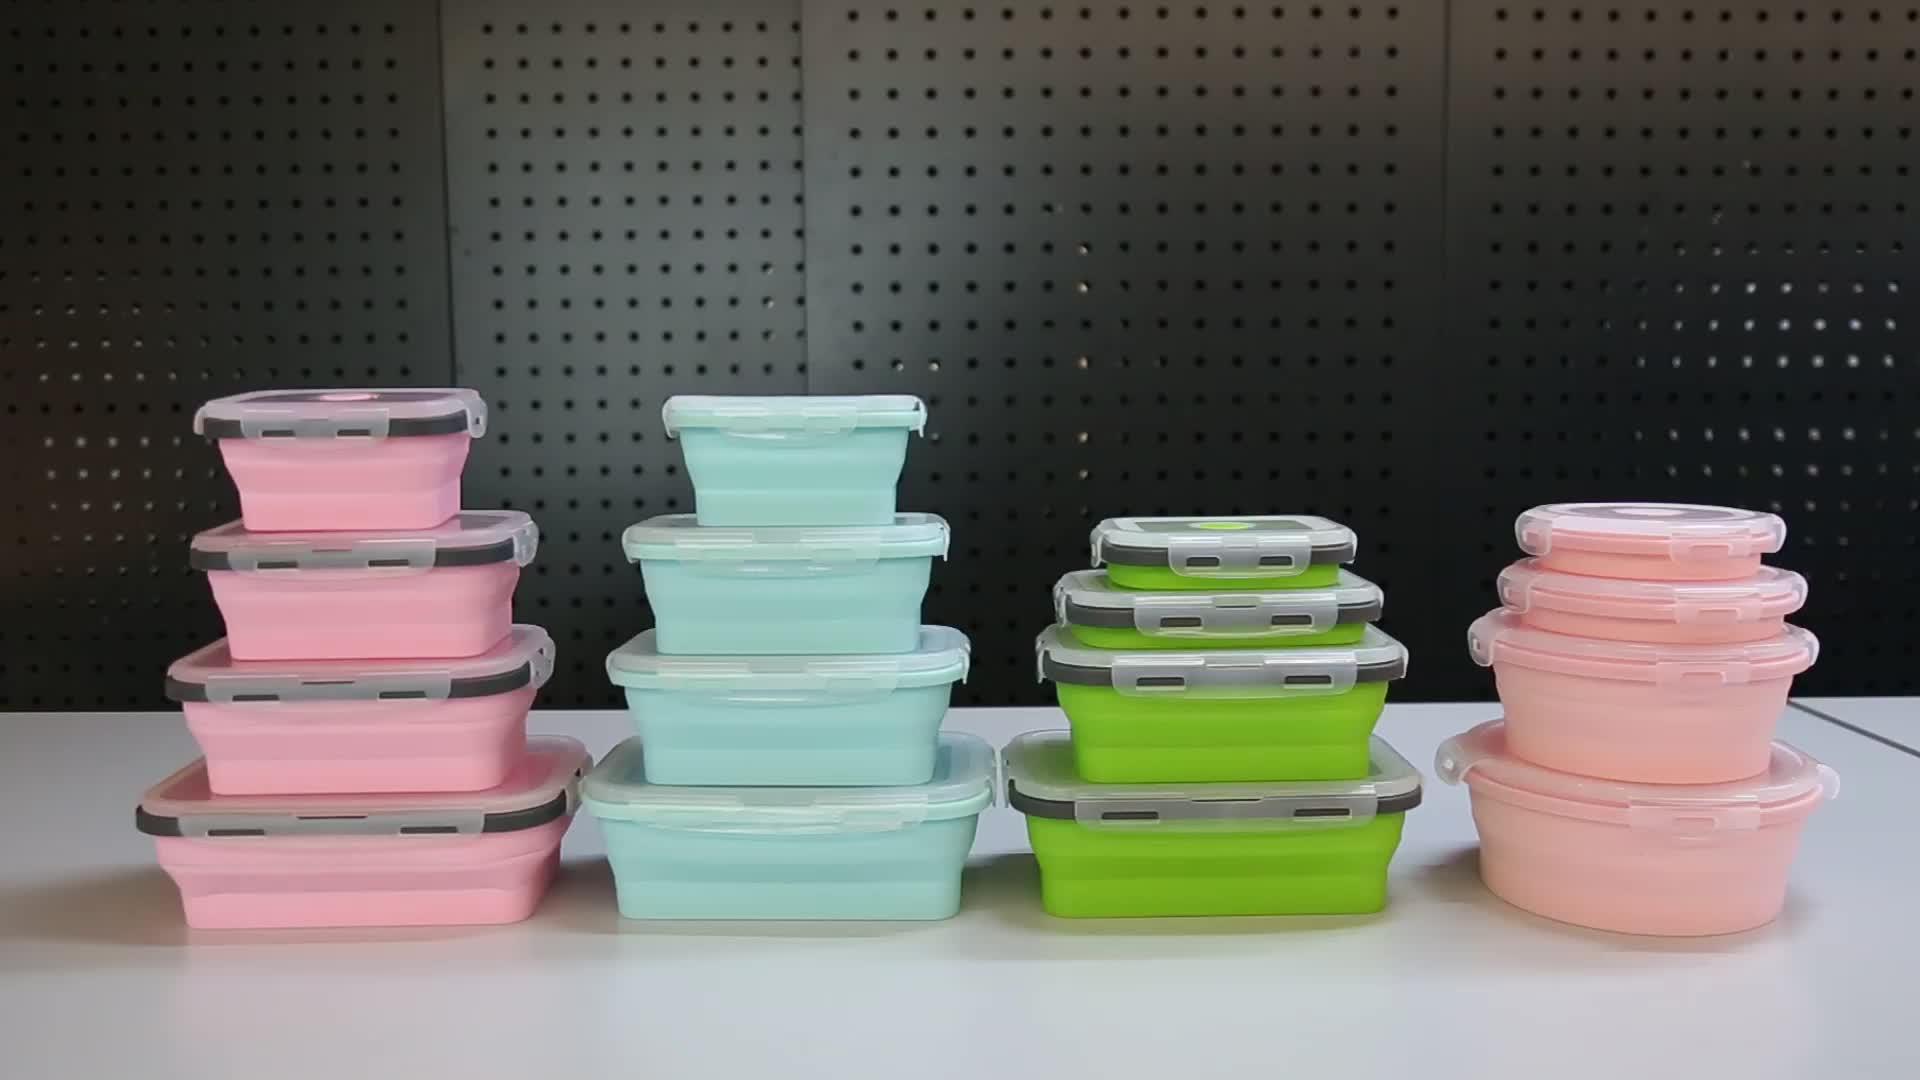 Складная Bpa бесплатно микроволновая печь многоразовые герметичным складные контейнеры складной хранения продуктов питания 4 силиконовые Ланч-бокс бэнто наборы для ухода за кожей